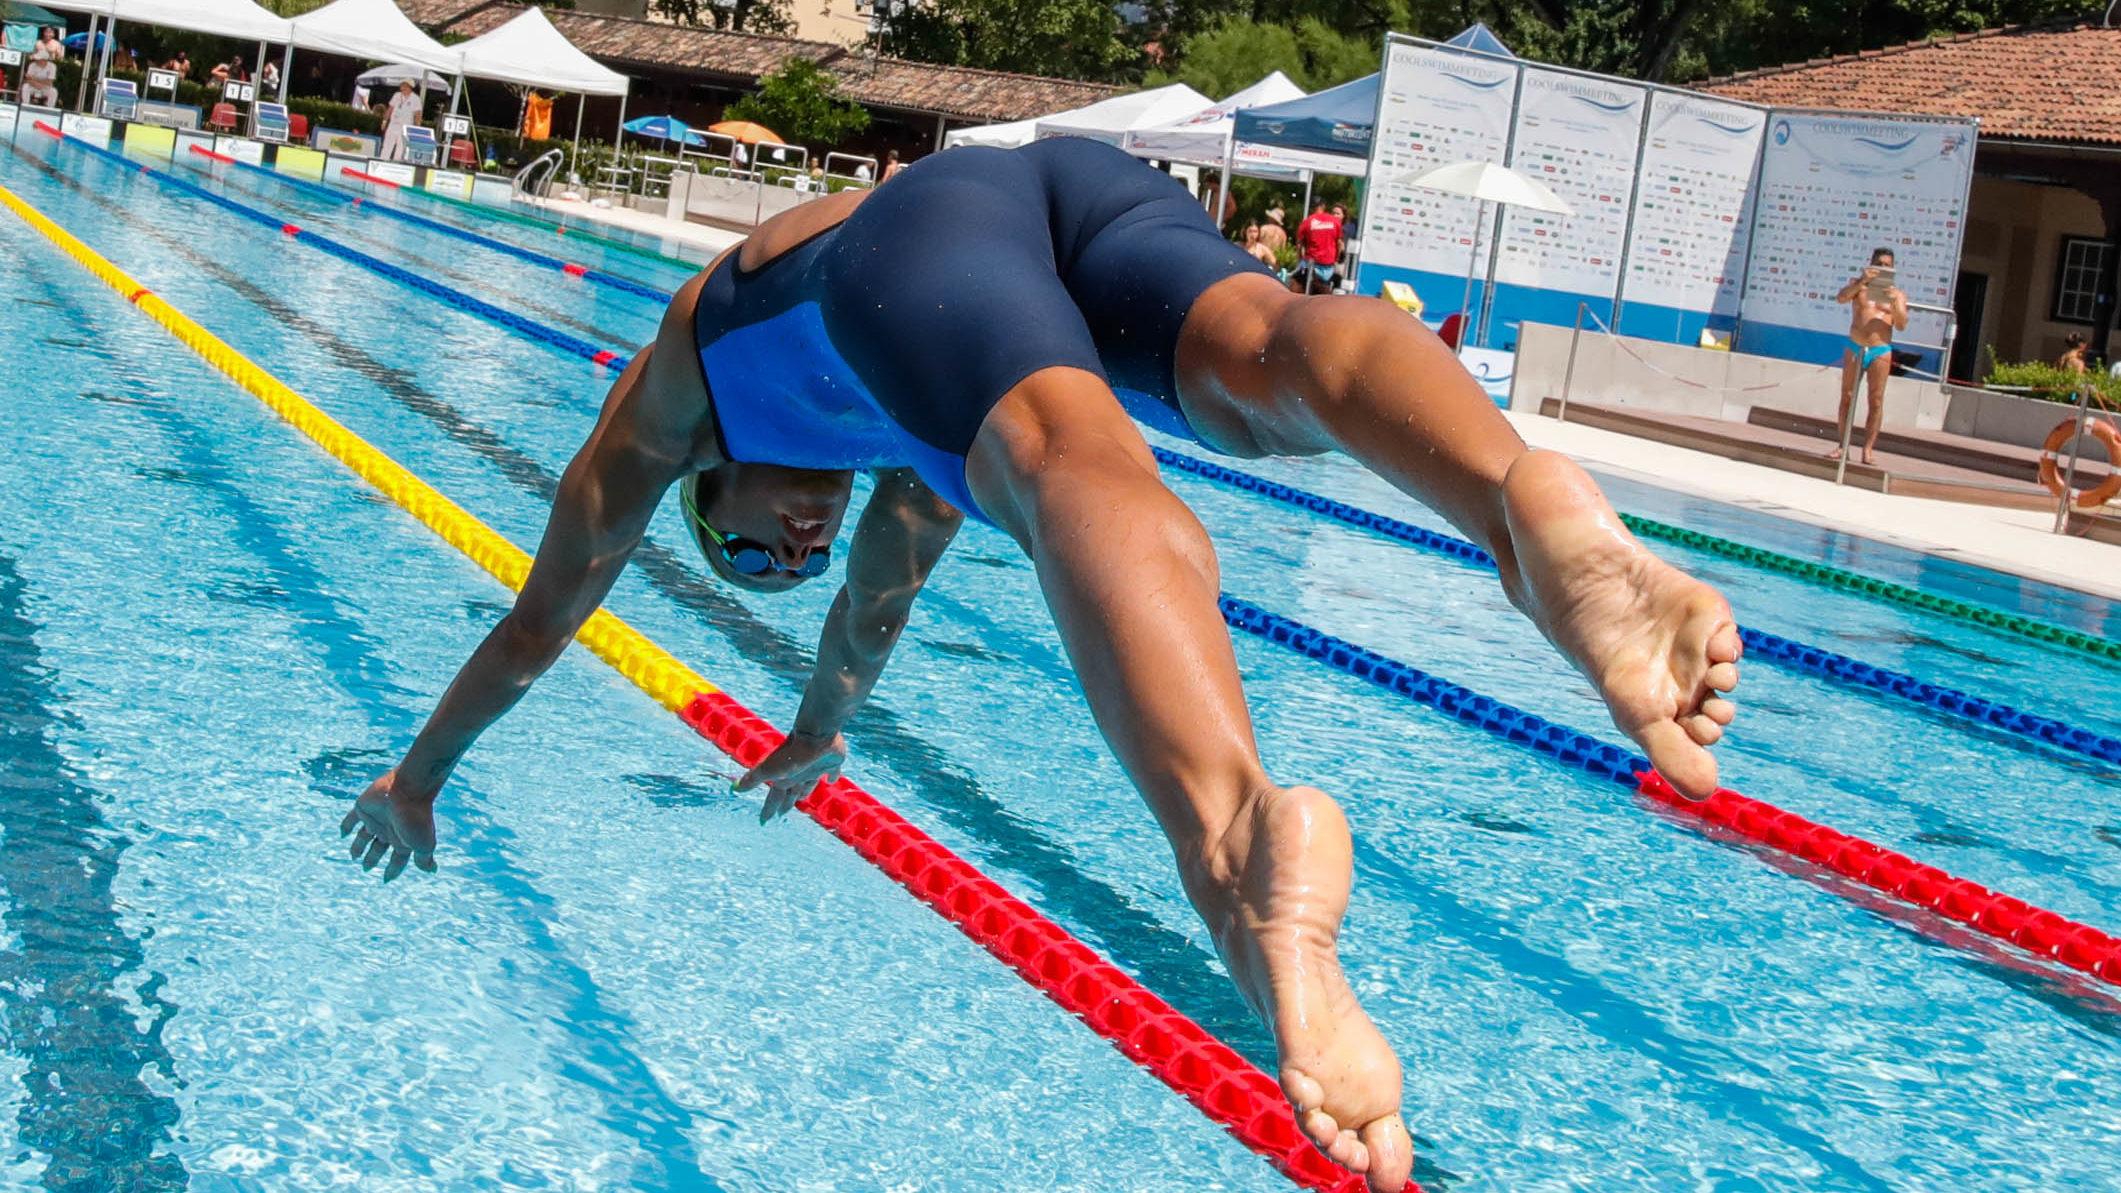 Let's race again: Undici medaglie europee al Cool Swim Meeting di Merano dal 18 al 20 giugno